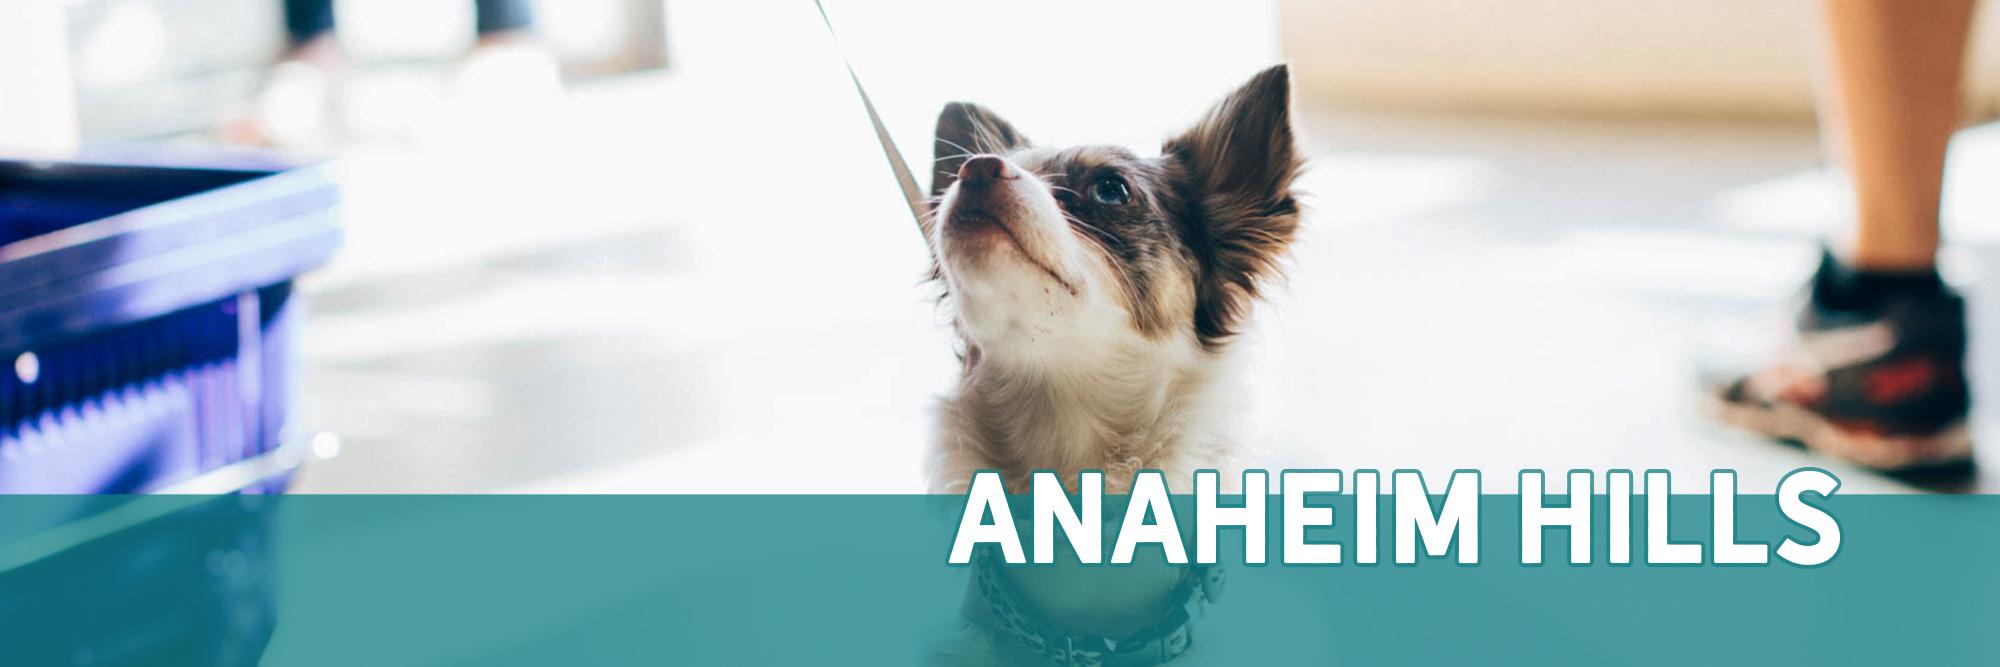 Healthy Pet Store in Anaheim Hills